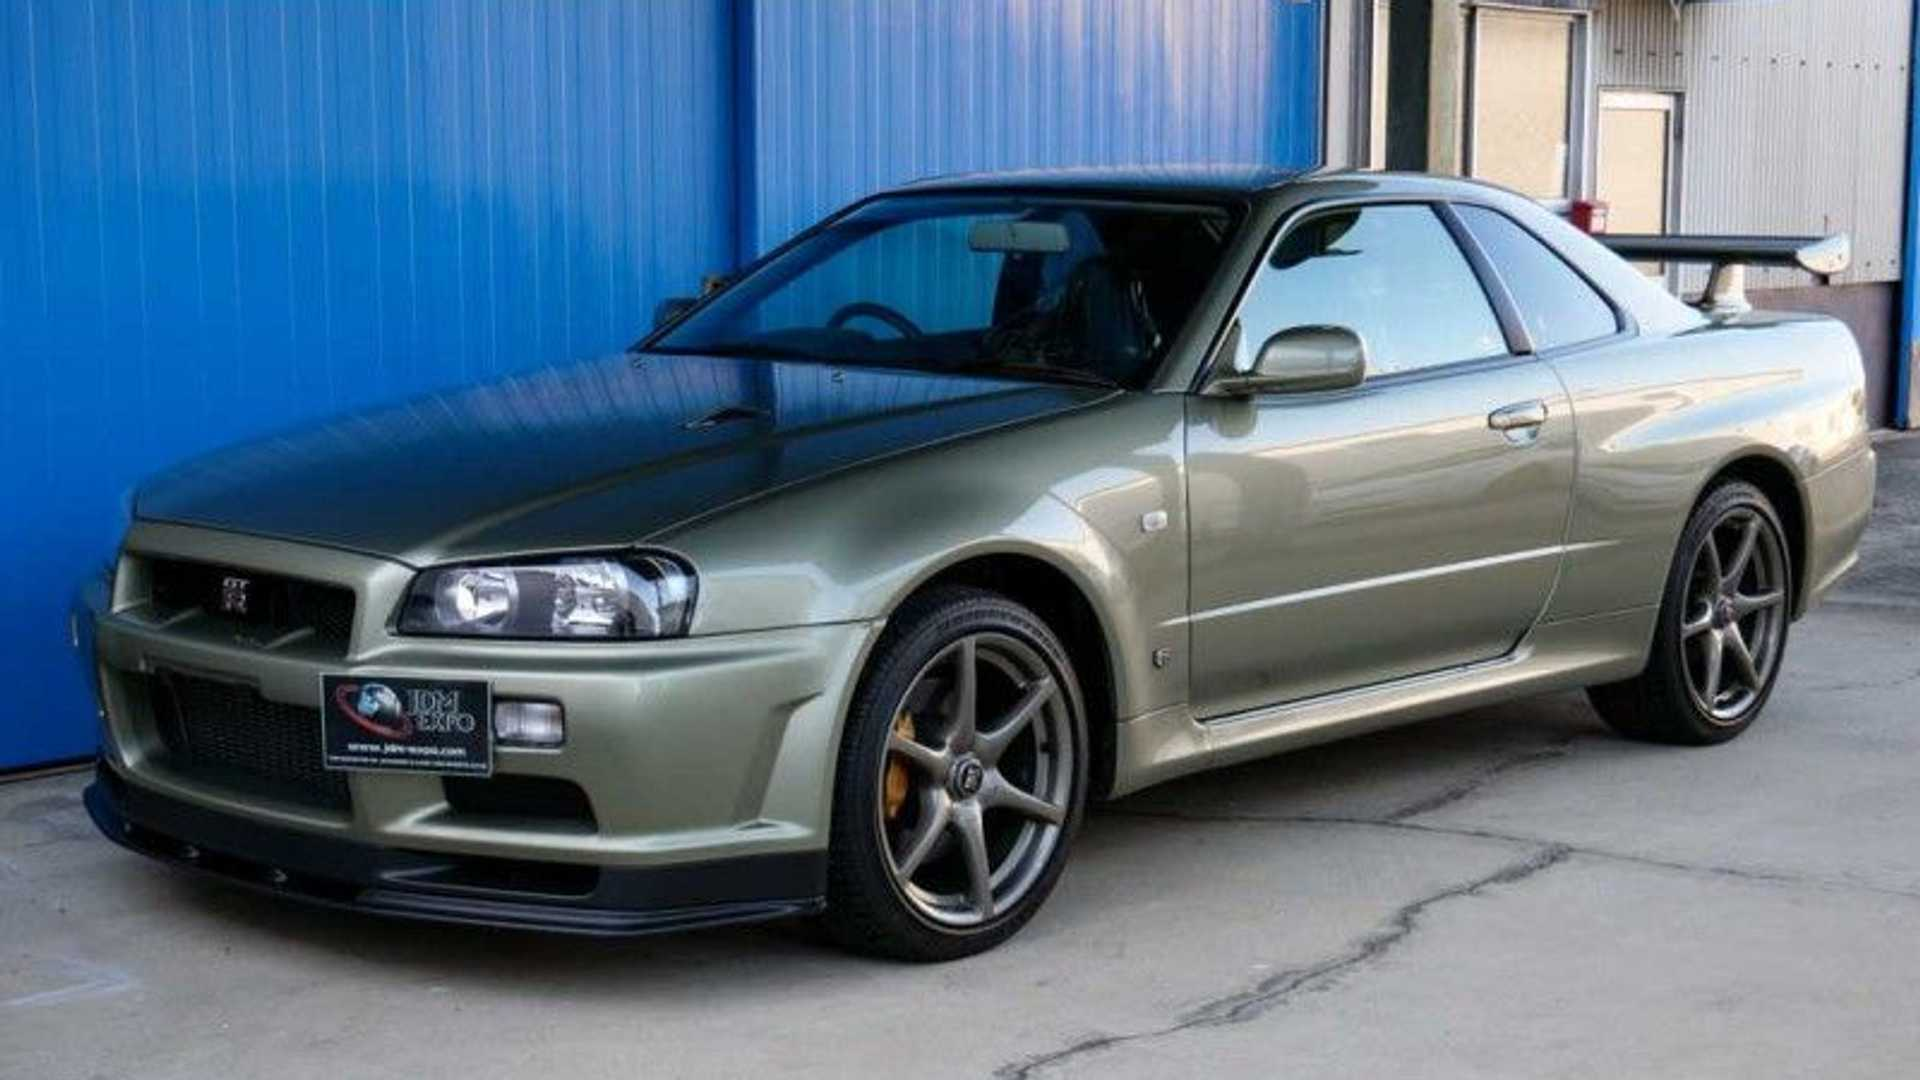 用1,400萬台幣買一輛近乎全新的R34 Nissan Skyline GT-R如何?